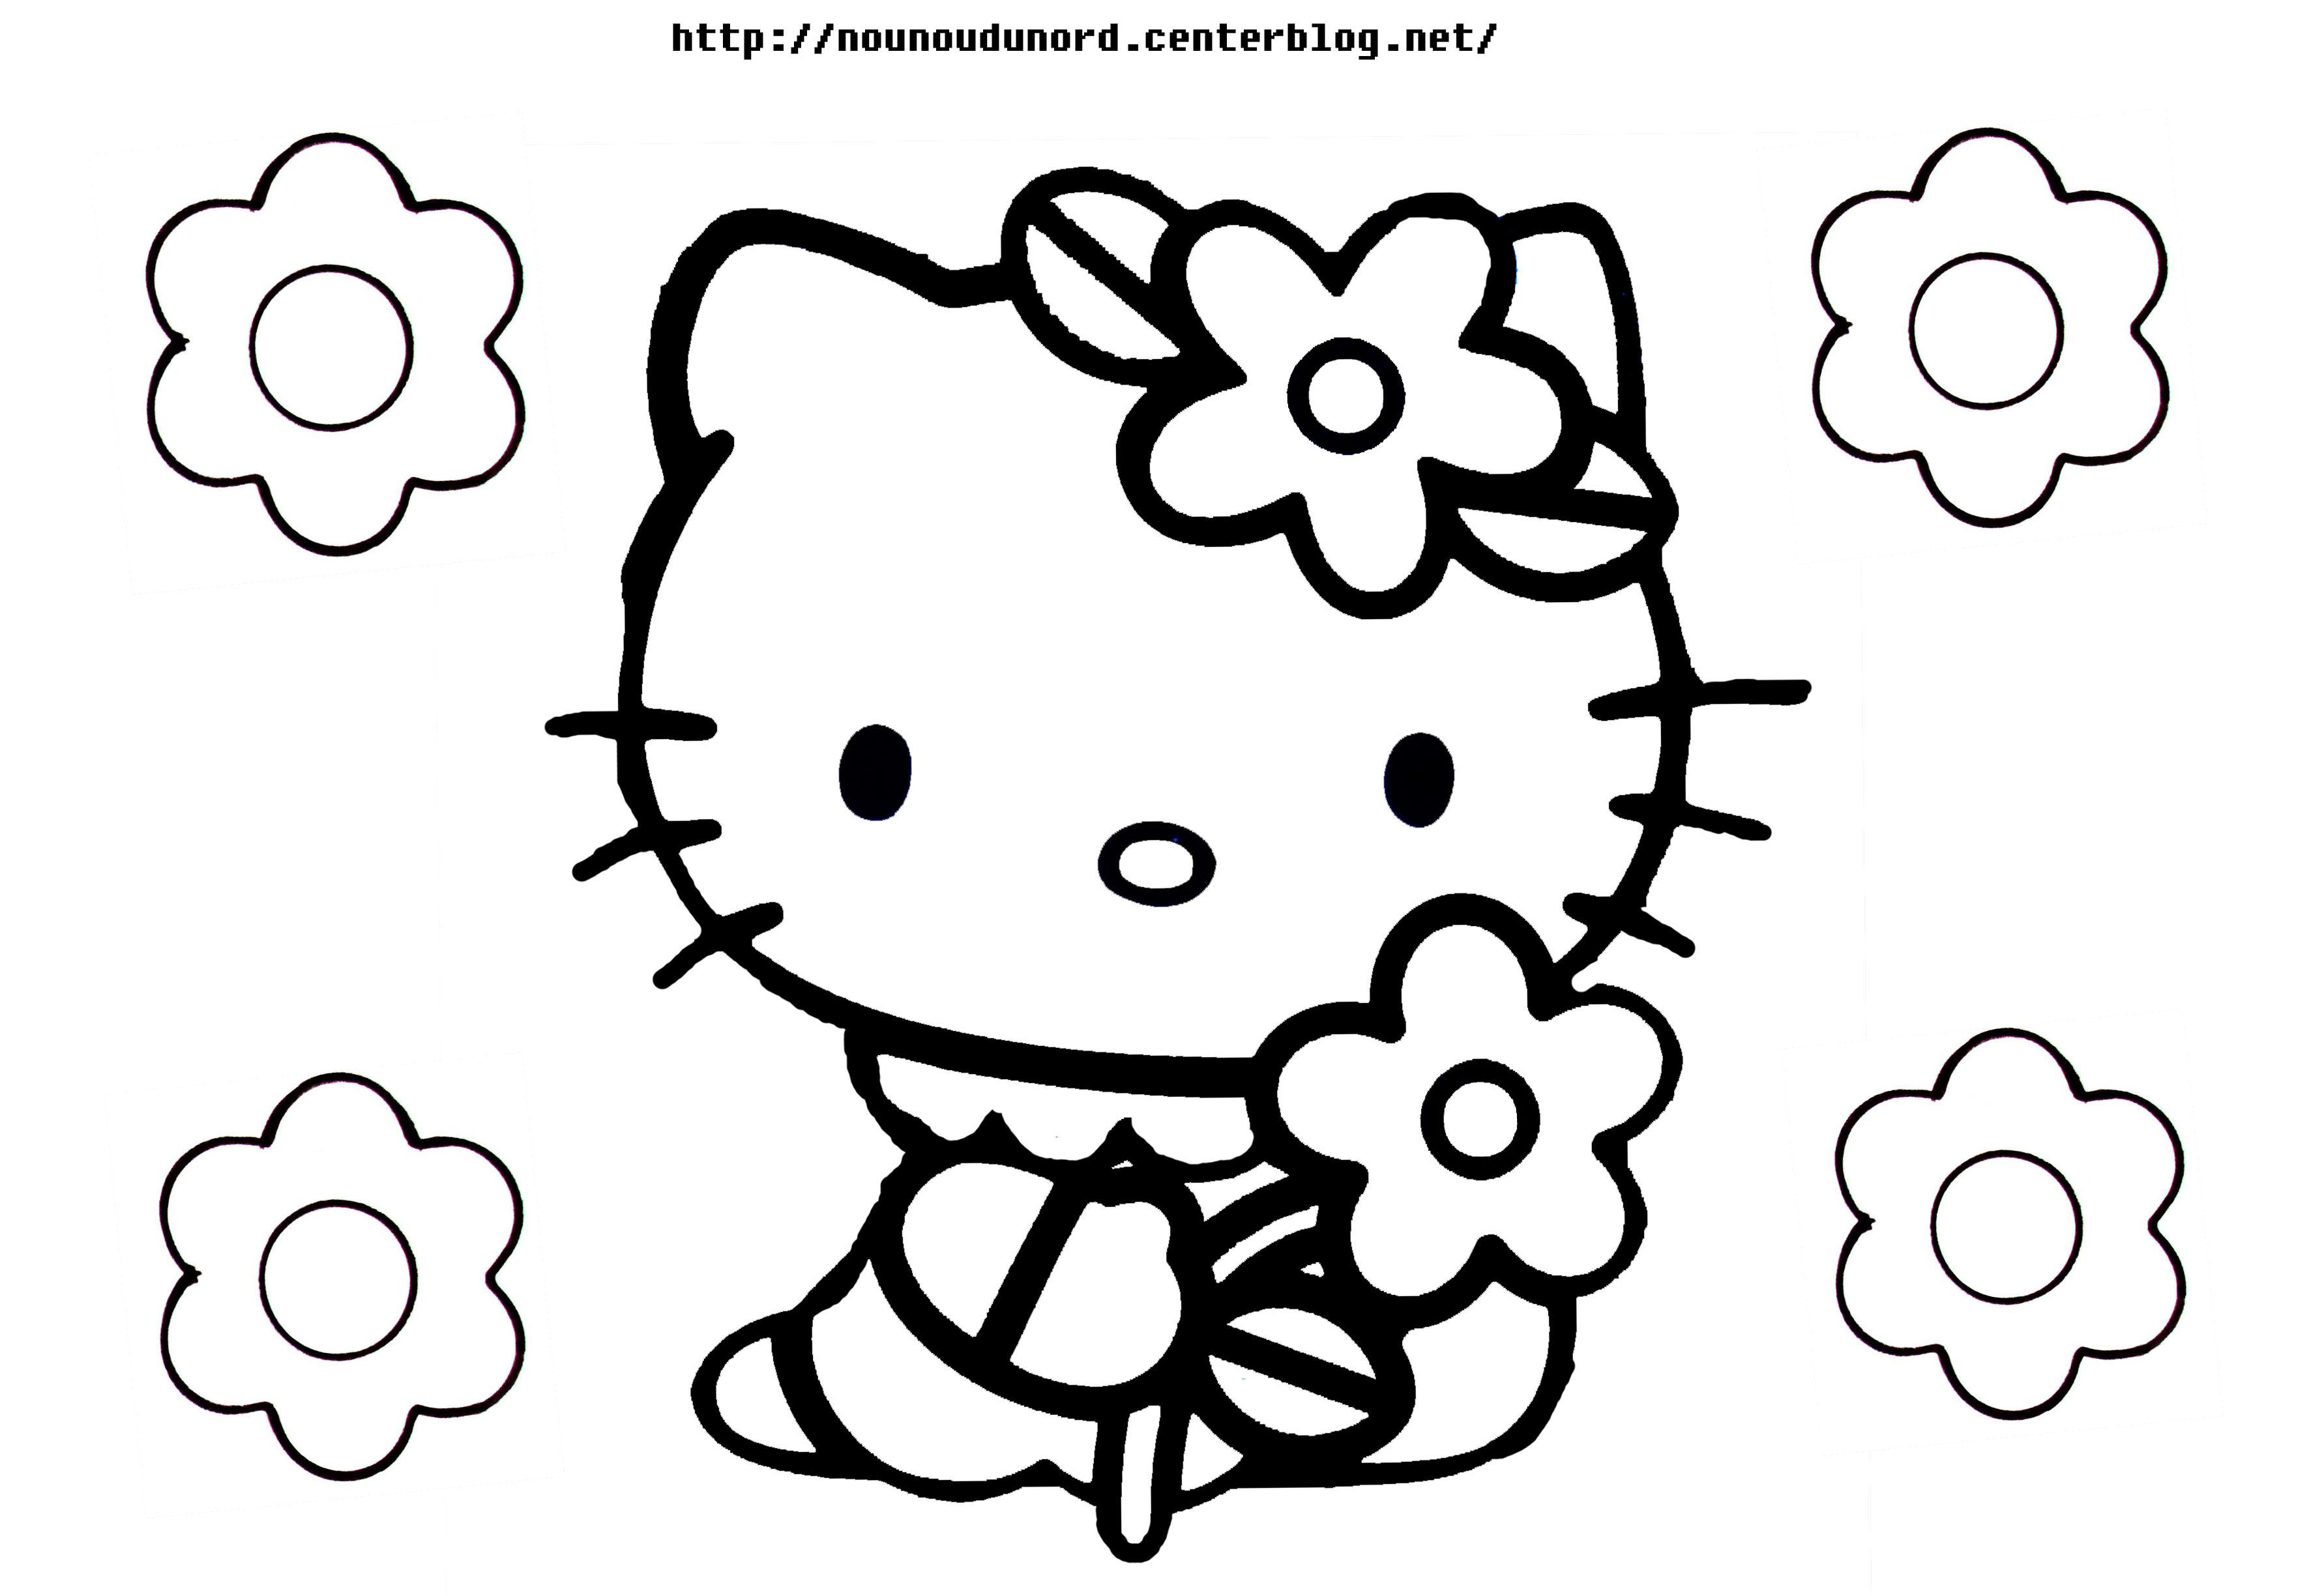 Coloriage hello kitty gratuit - dessin a imprimer #22